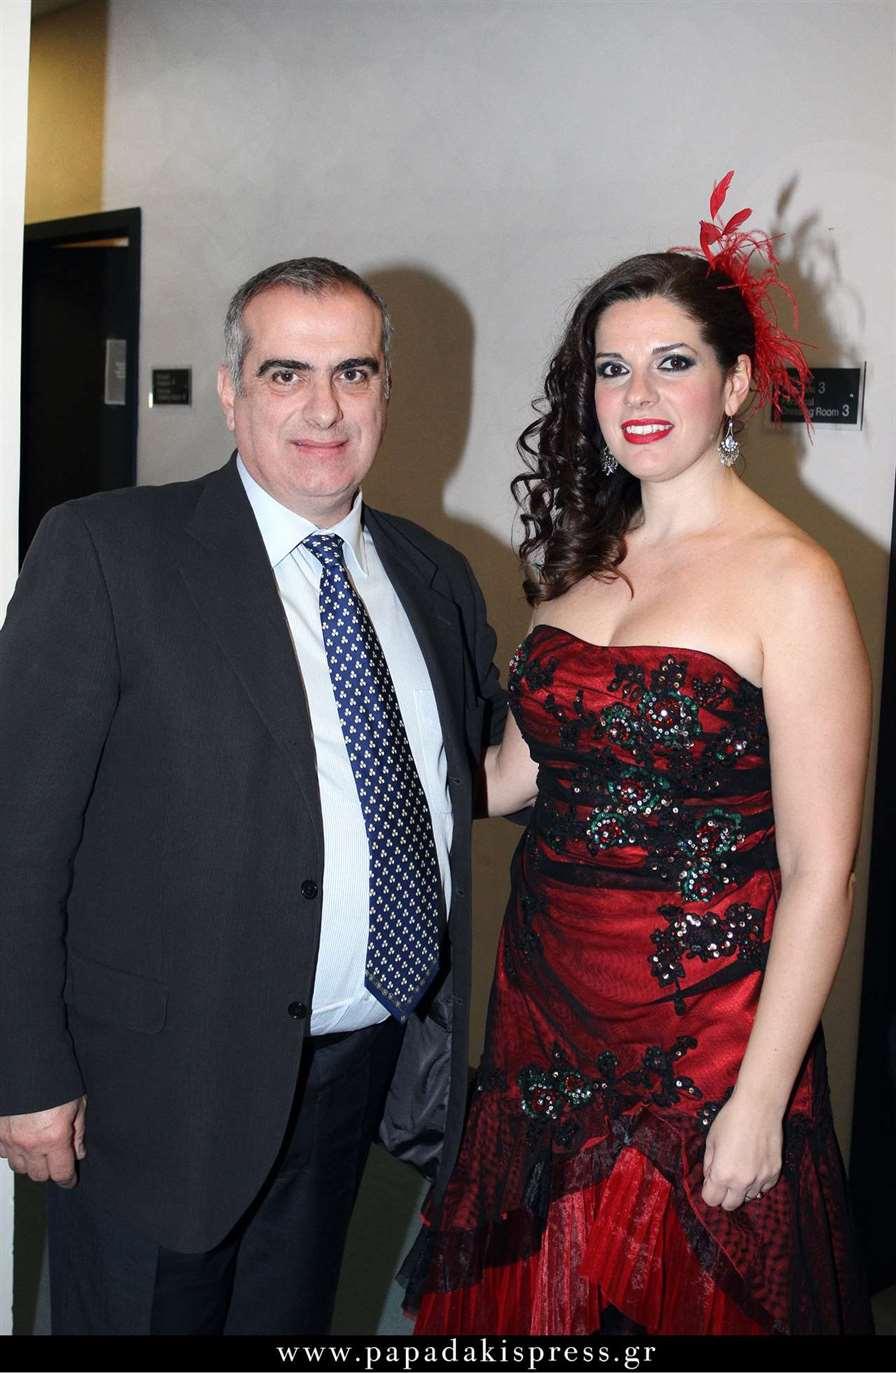 Ο Σπύρος Γκούβαλης και η μέτζο σοπράνο Ελένη Βουδουράκη